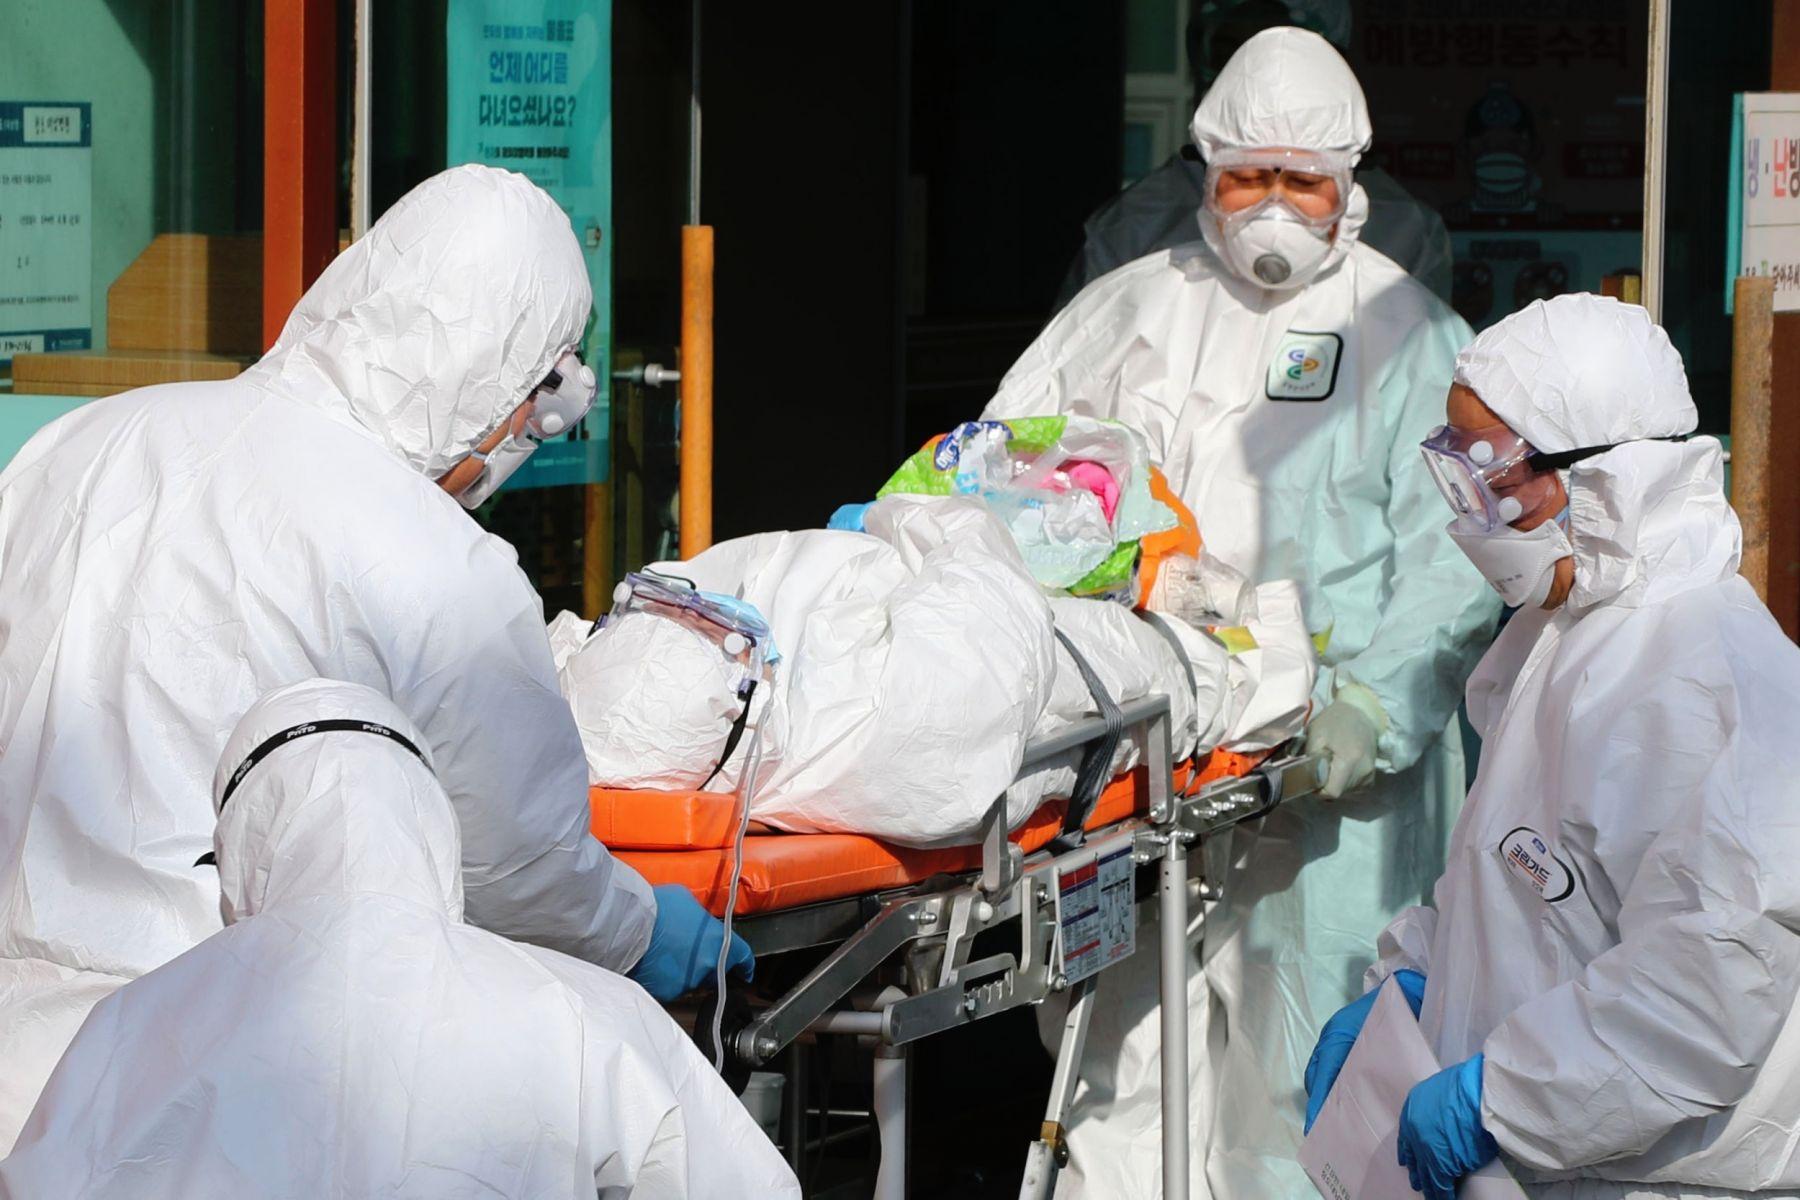 武漢肺炎無症狀、輕症患者暴增!阻止病毒擴散,台大教授:「這樣」戴口罩、洗手感染率可降至20%以下